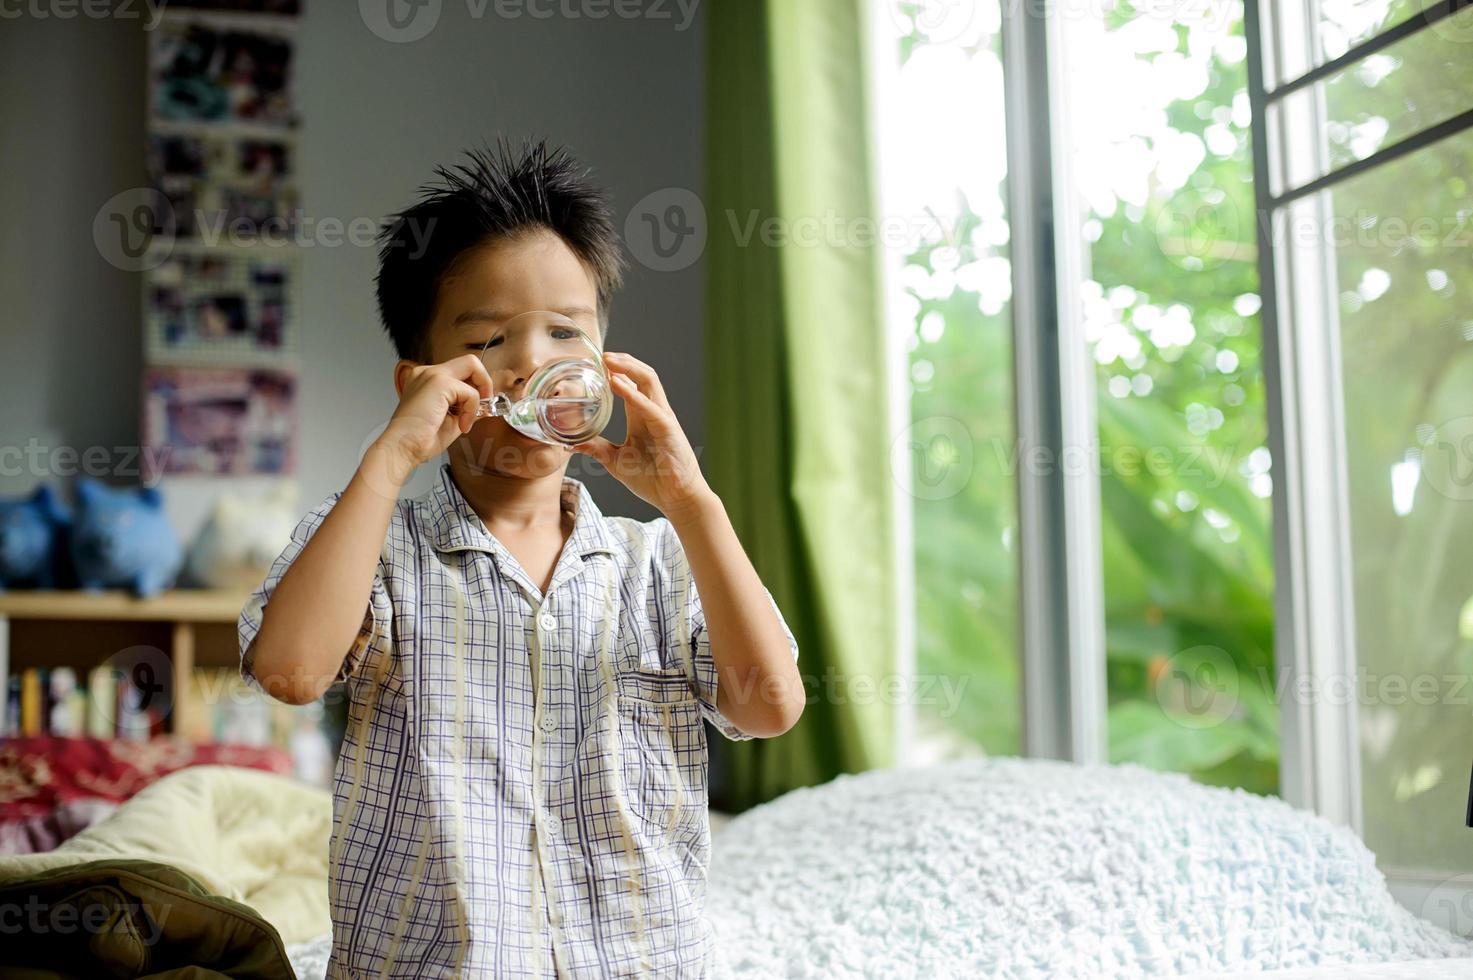 ragazzo bere acqua dal bicchiere foto